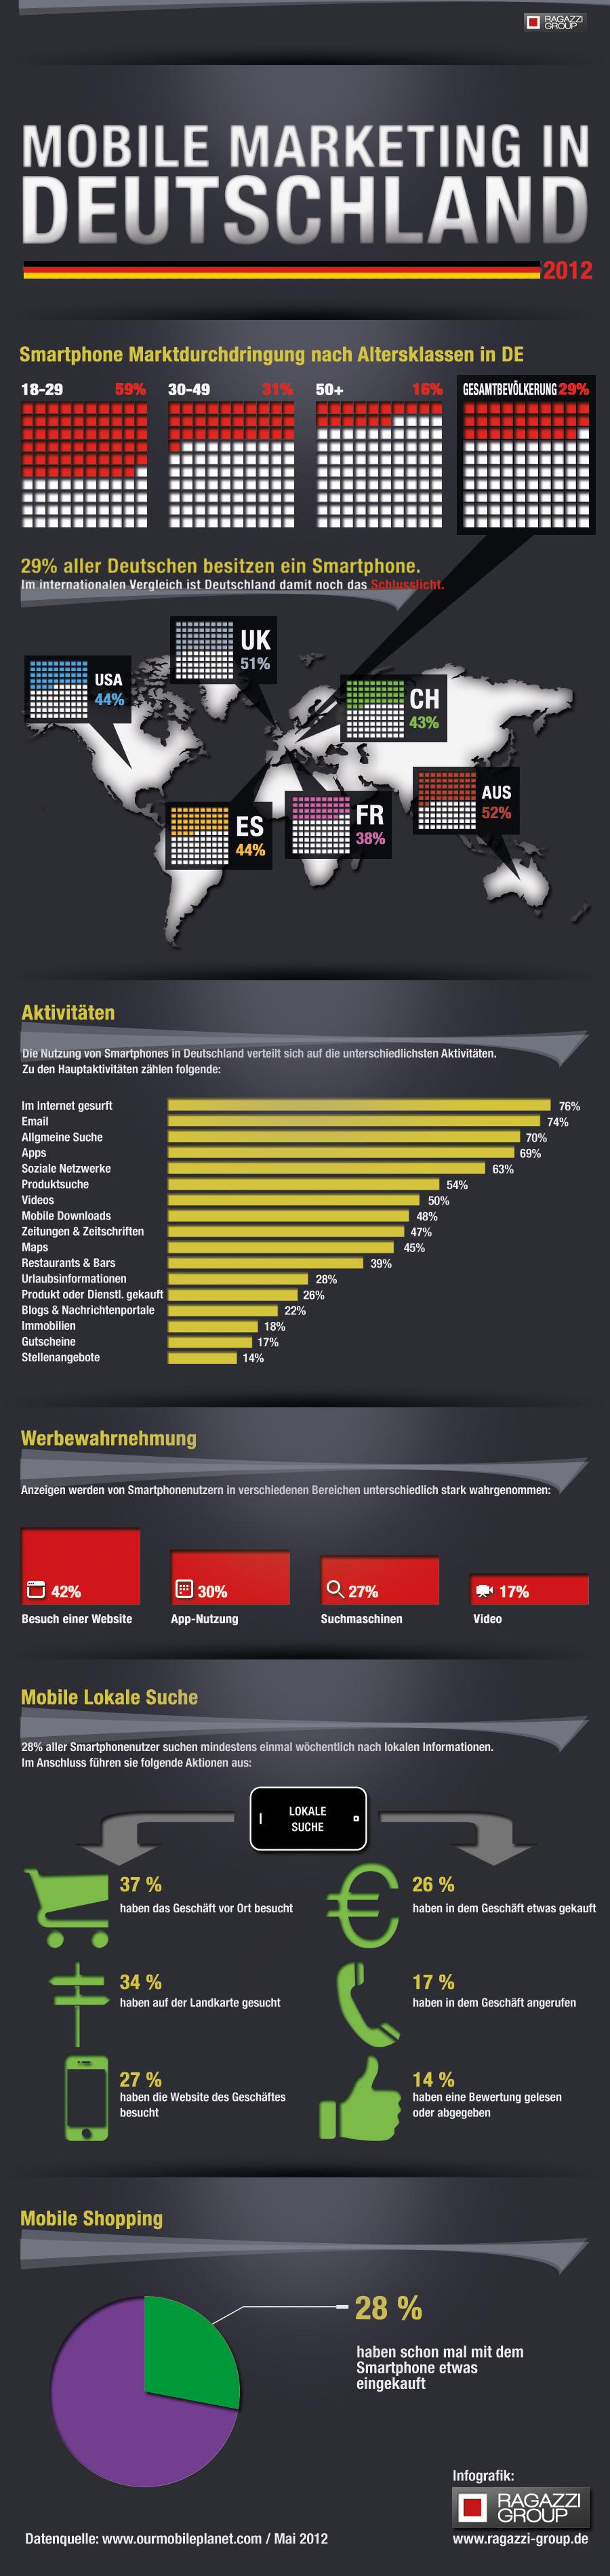 mobile marketing in deutschland 2012 infografik. Black Bedroom Furniture Sets. Home Design Ideas